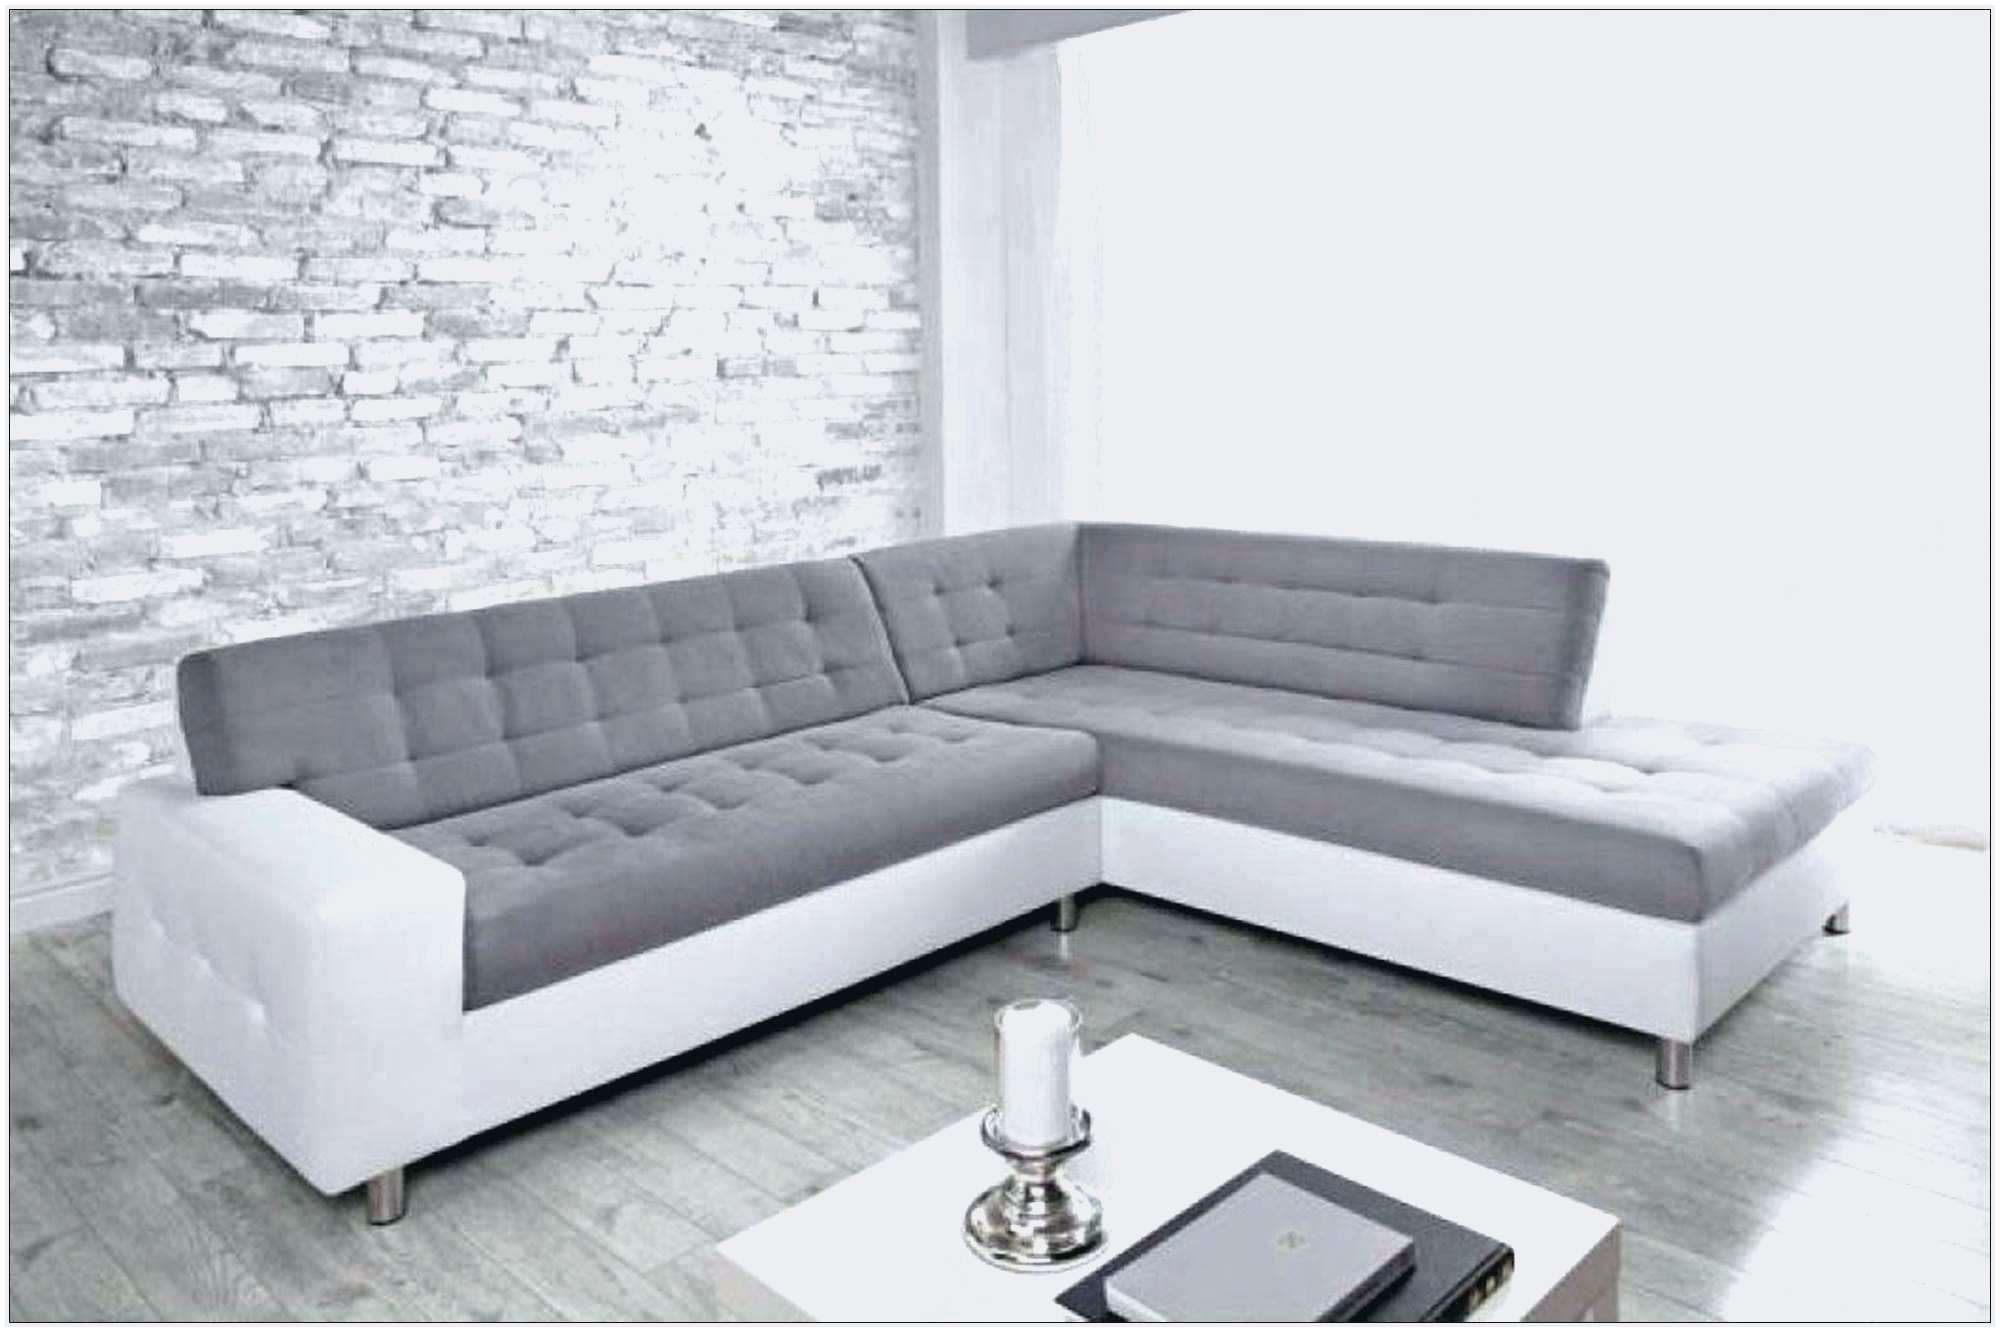 Luxe Luxe soldes Canapé Cuir Pour Choix Canapé 2 Places Ikea